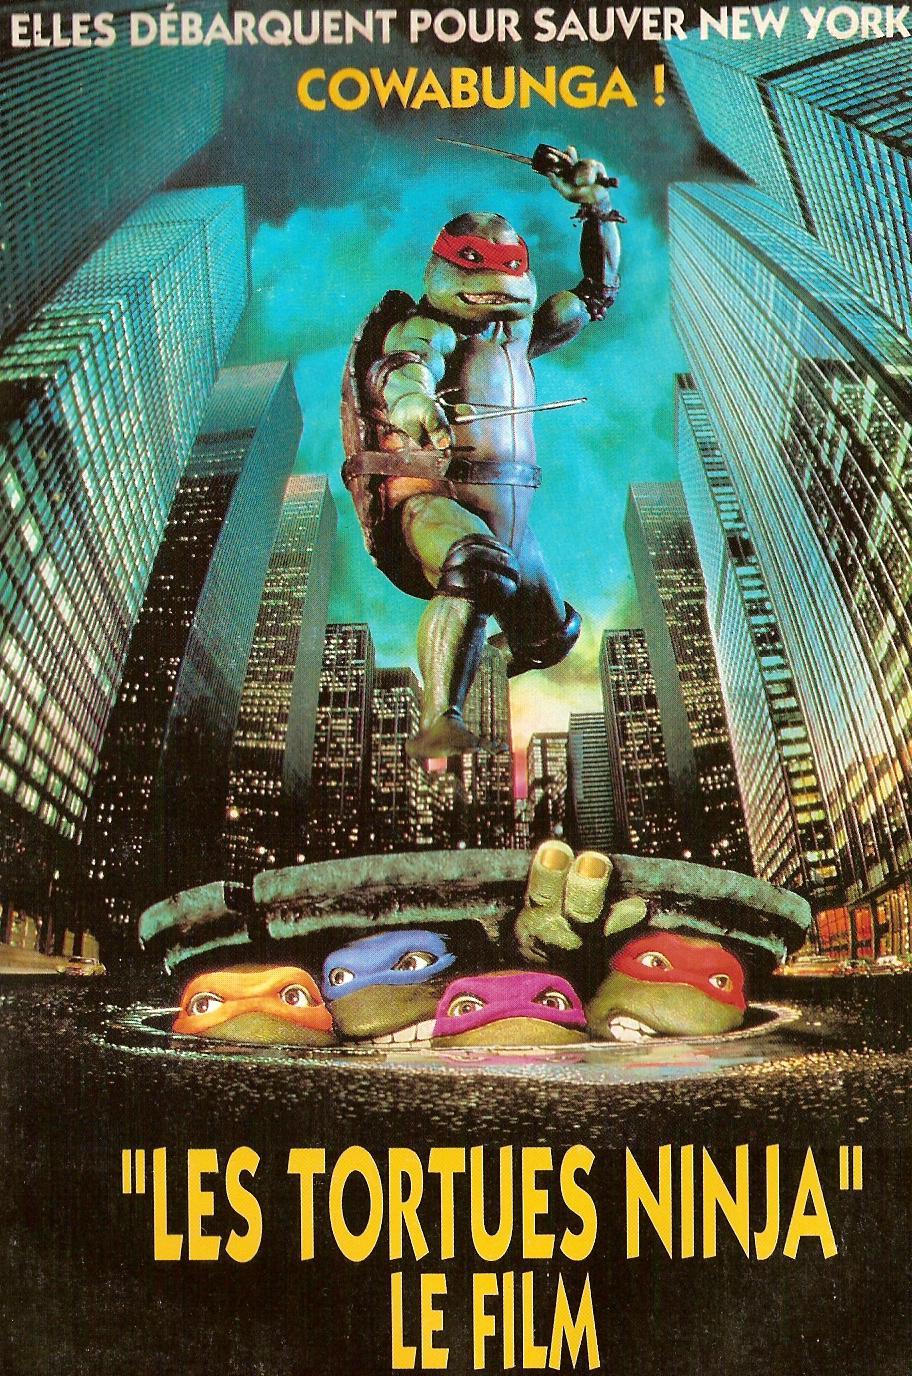 Les tortues ninja 1990 la critique du film - Jeux de tortues ninja gratuit ...